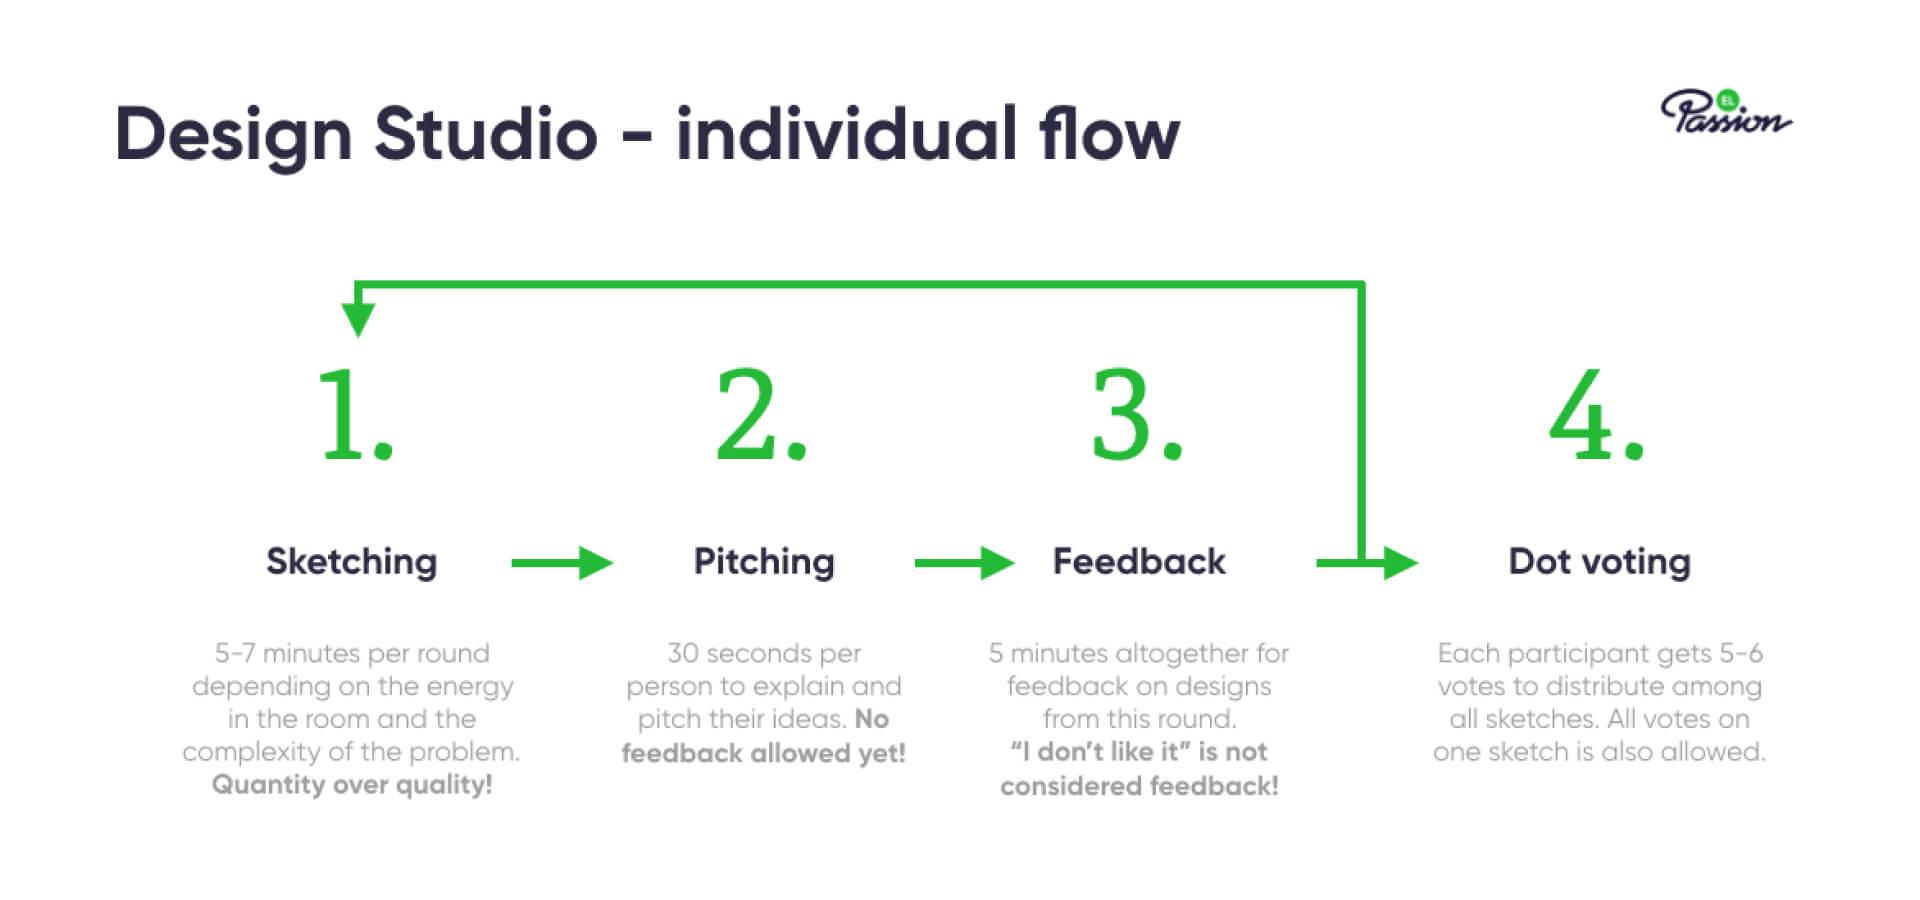 individual_flow_design_studio